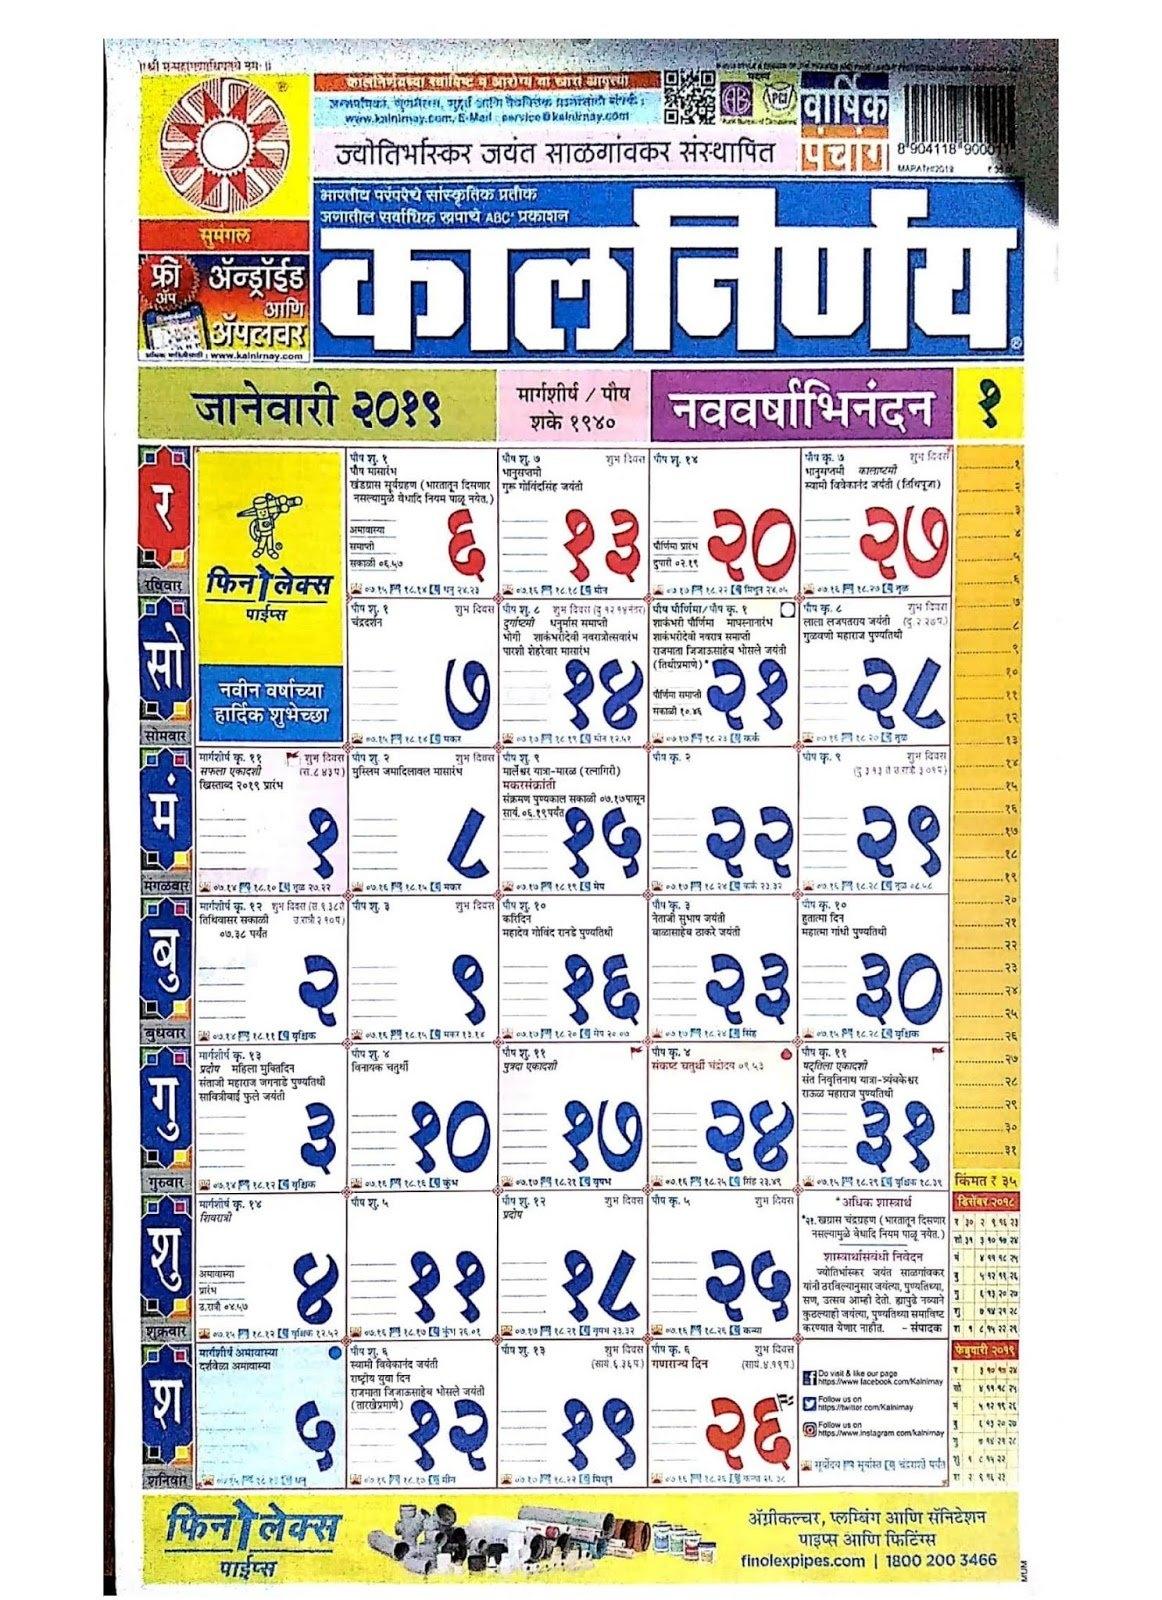 Kultejas!: मराठी कालनिर्णय कॅलेंडर २०१९ E Calendar Kalnirnay 2019